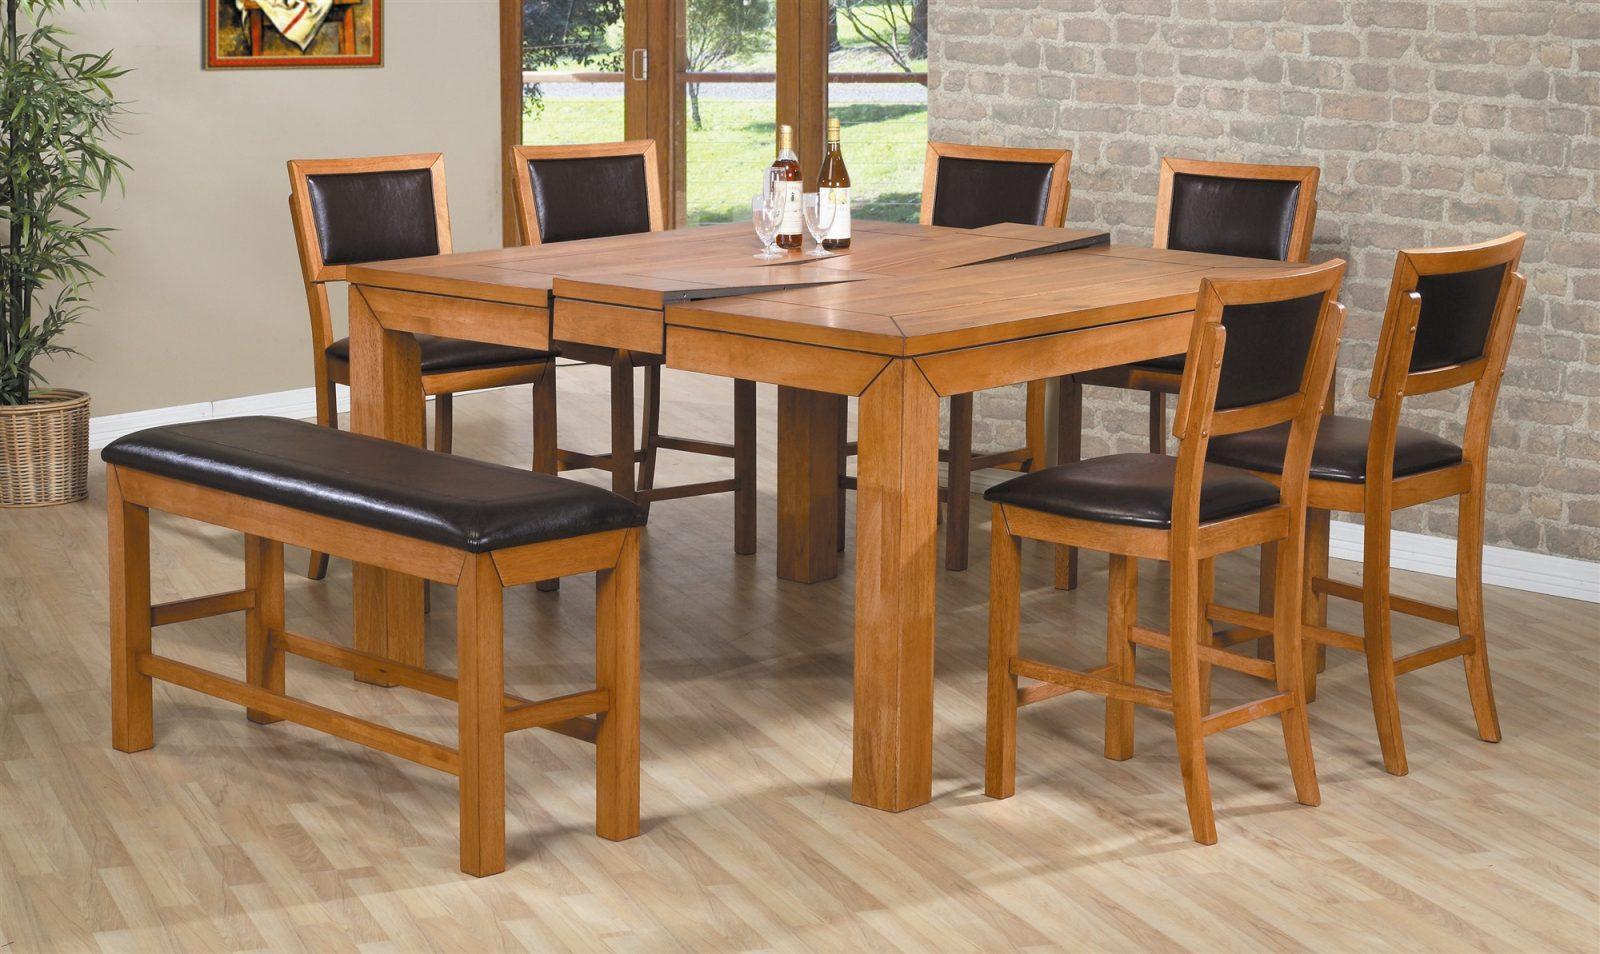 Mesas de cocina de madera - Mesas de madera para cocina ...